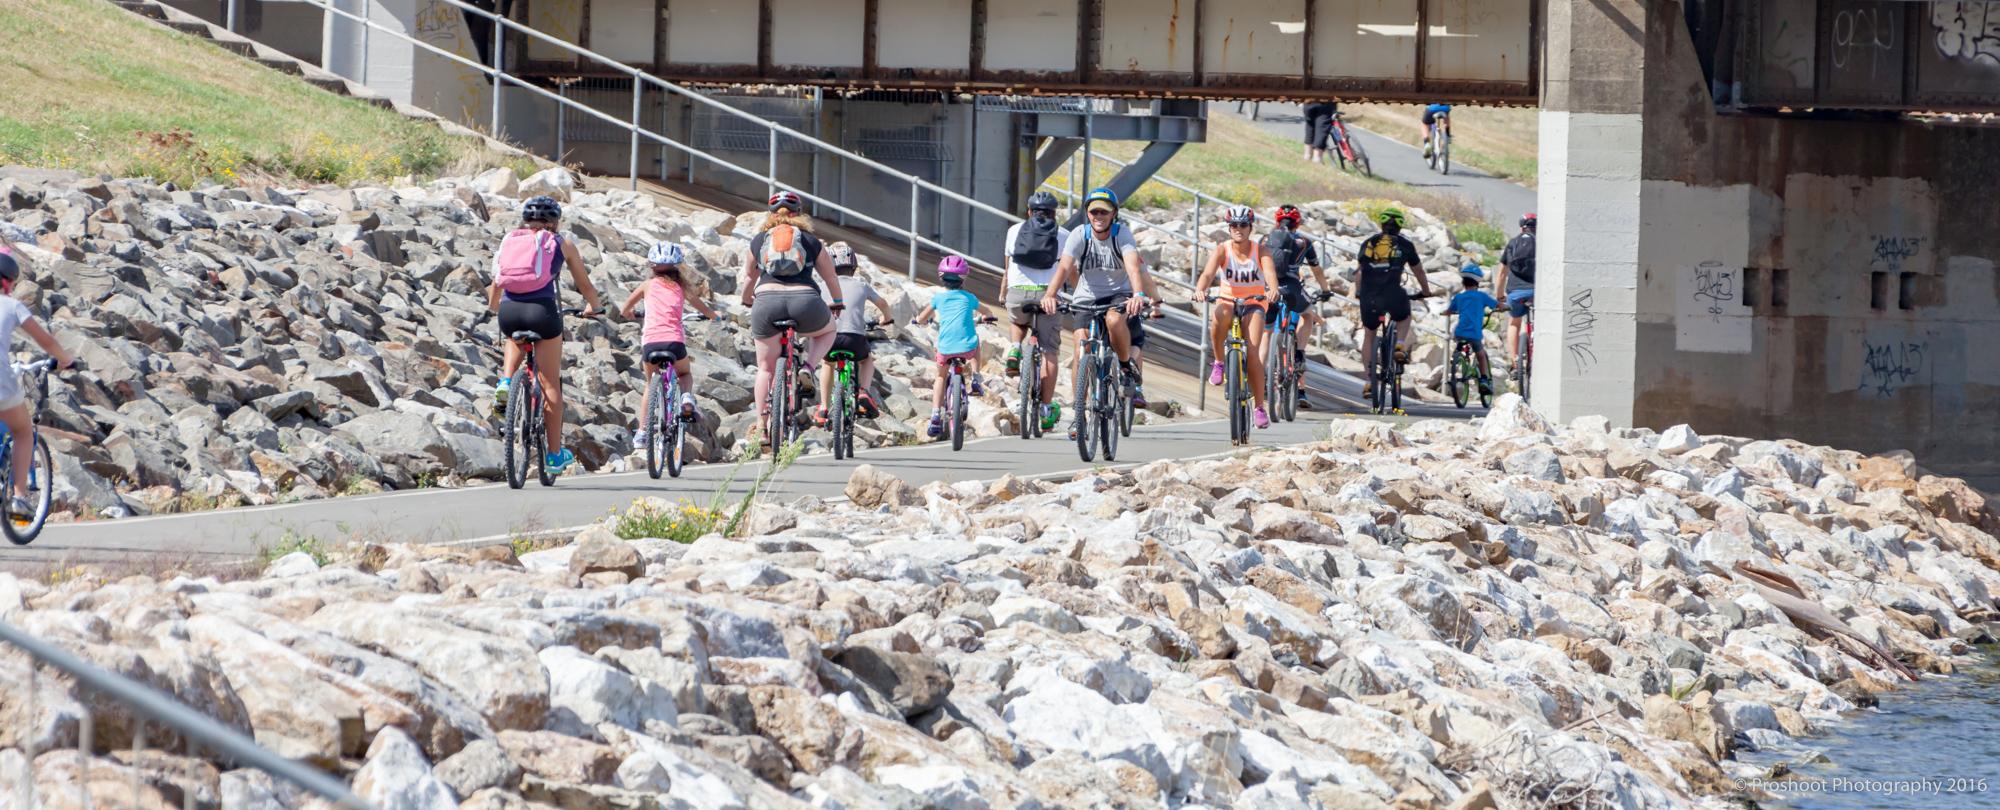 Bike The Trail 2016 8151